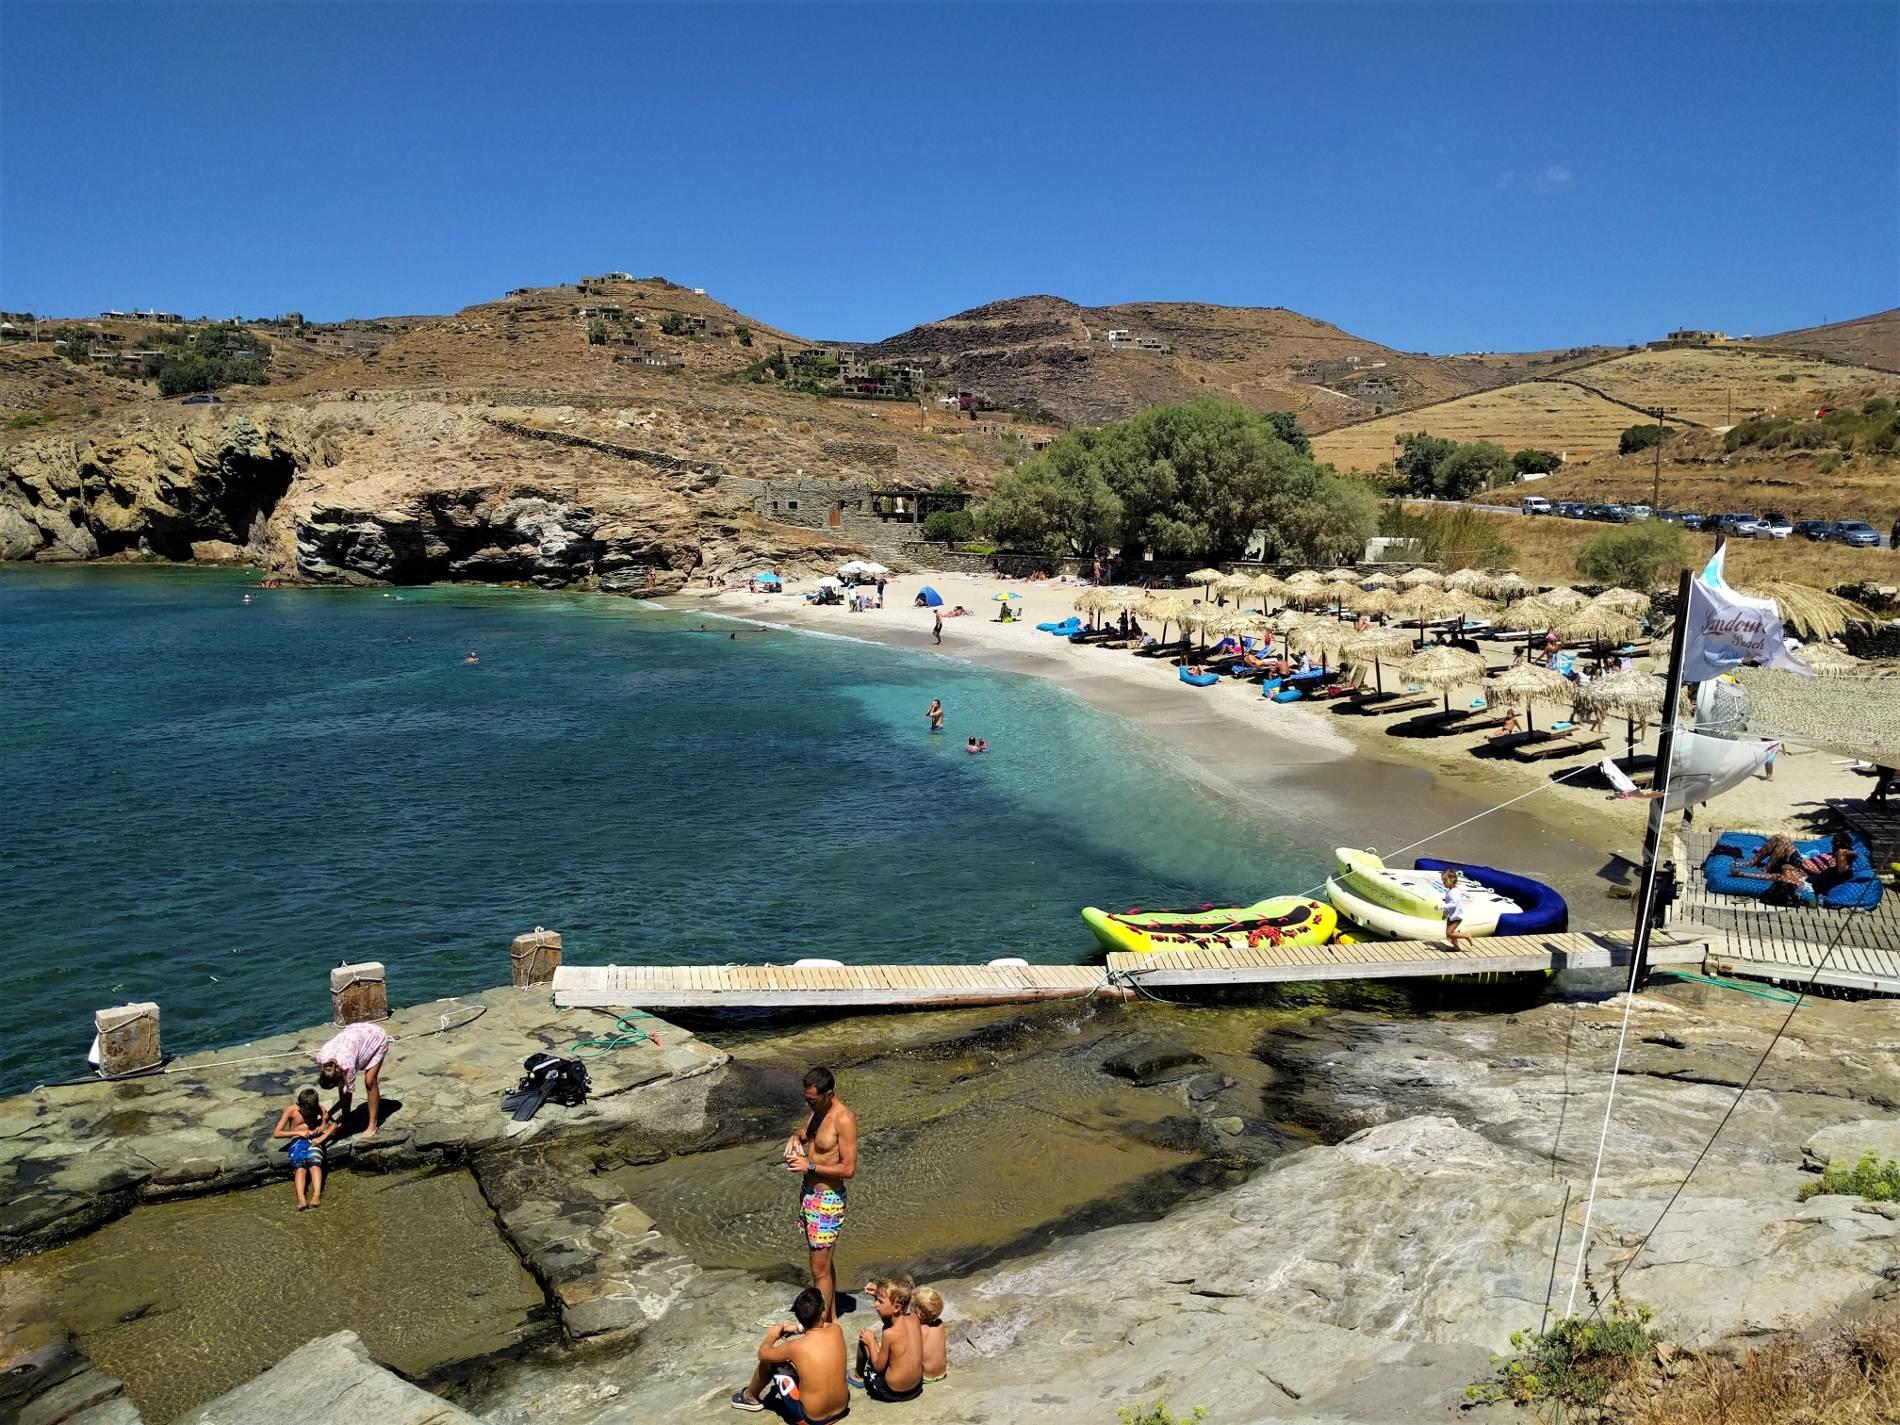 Koundouros beach in Kea/Tzia. Source: Truevoyagers